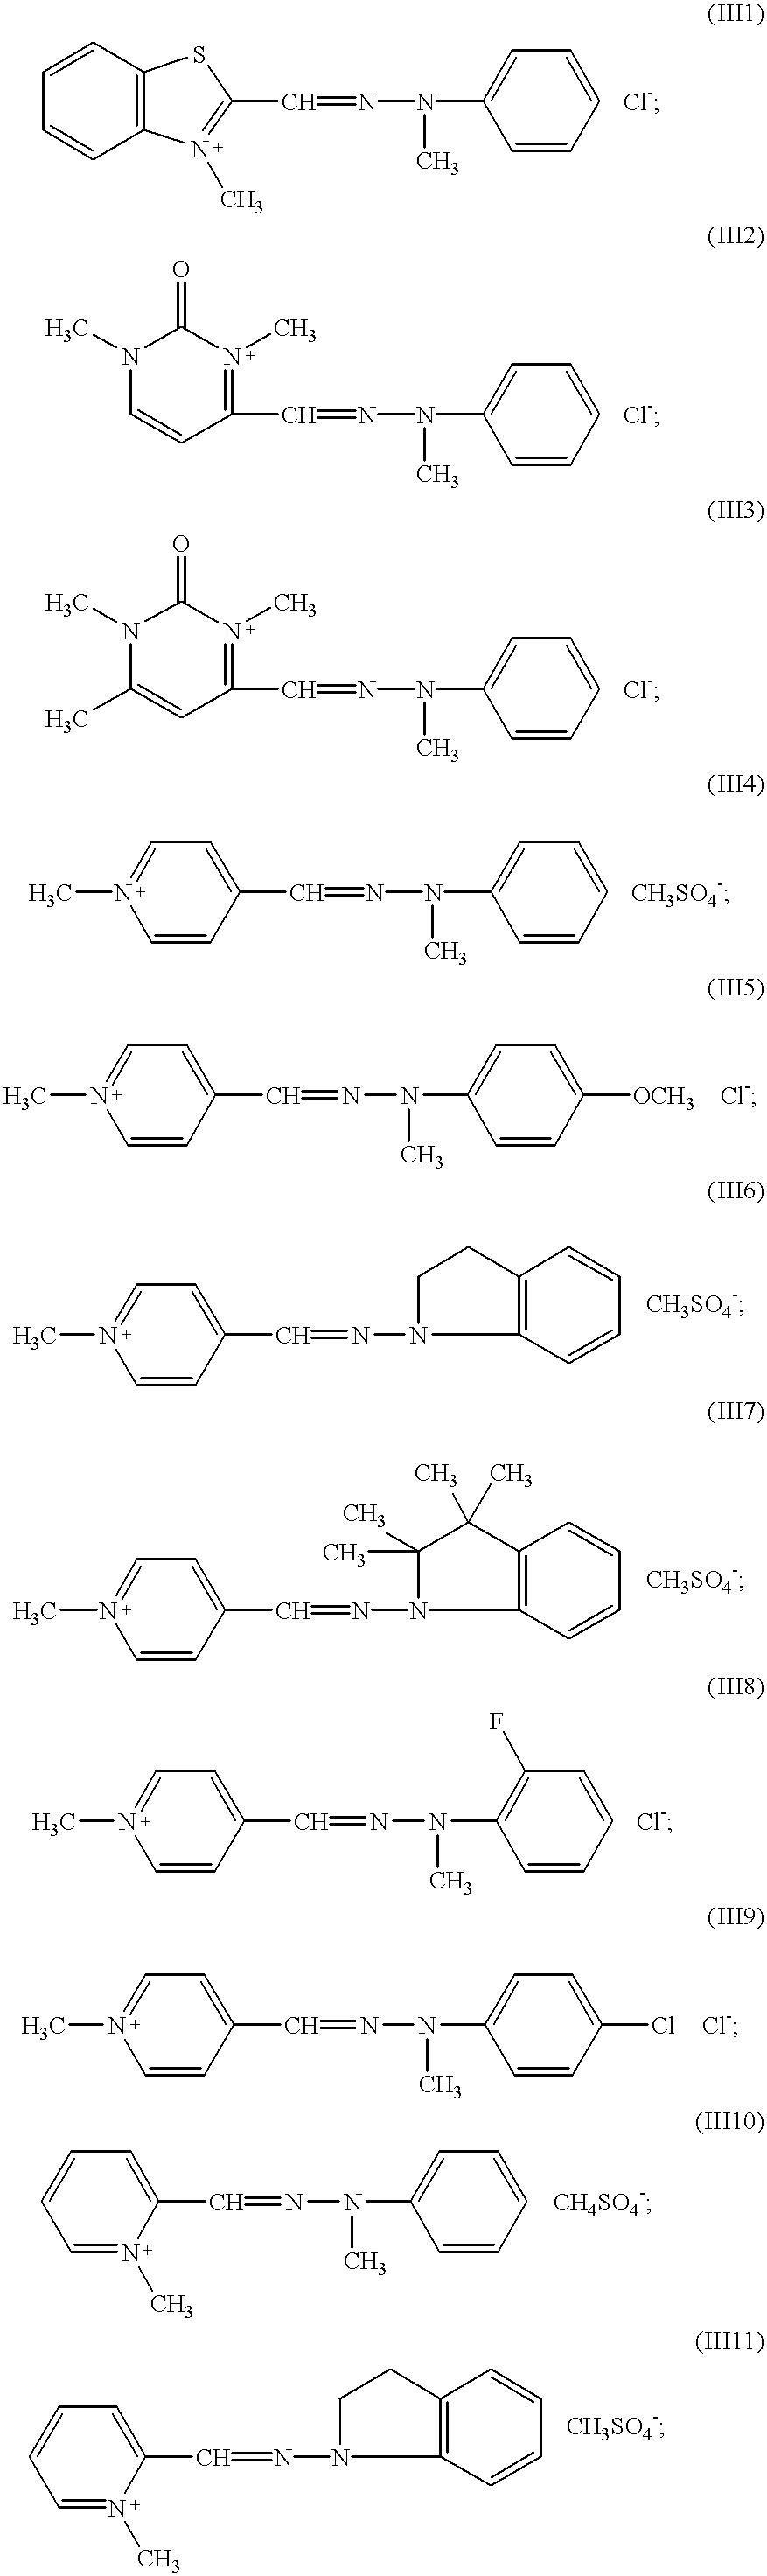 Figure US20020046432A1-20020425-C00010